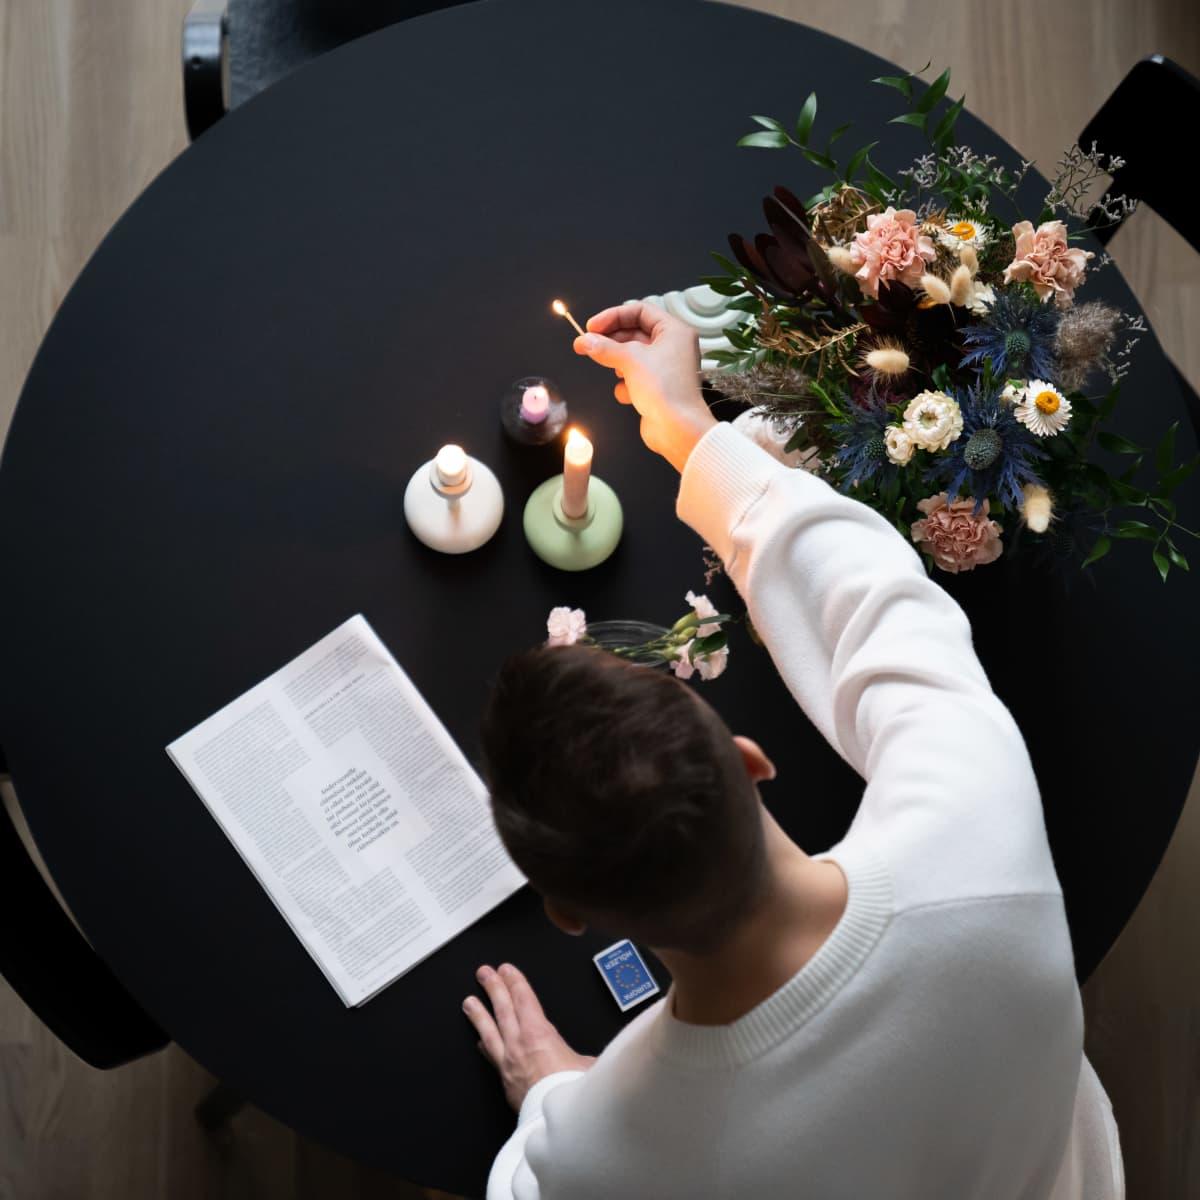 Joonas Pesonen sytyttää kynttilöitä keittiö pöydällä.